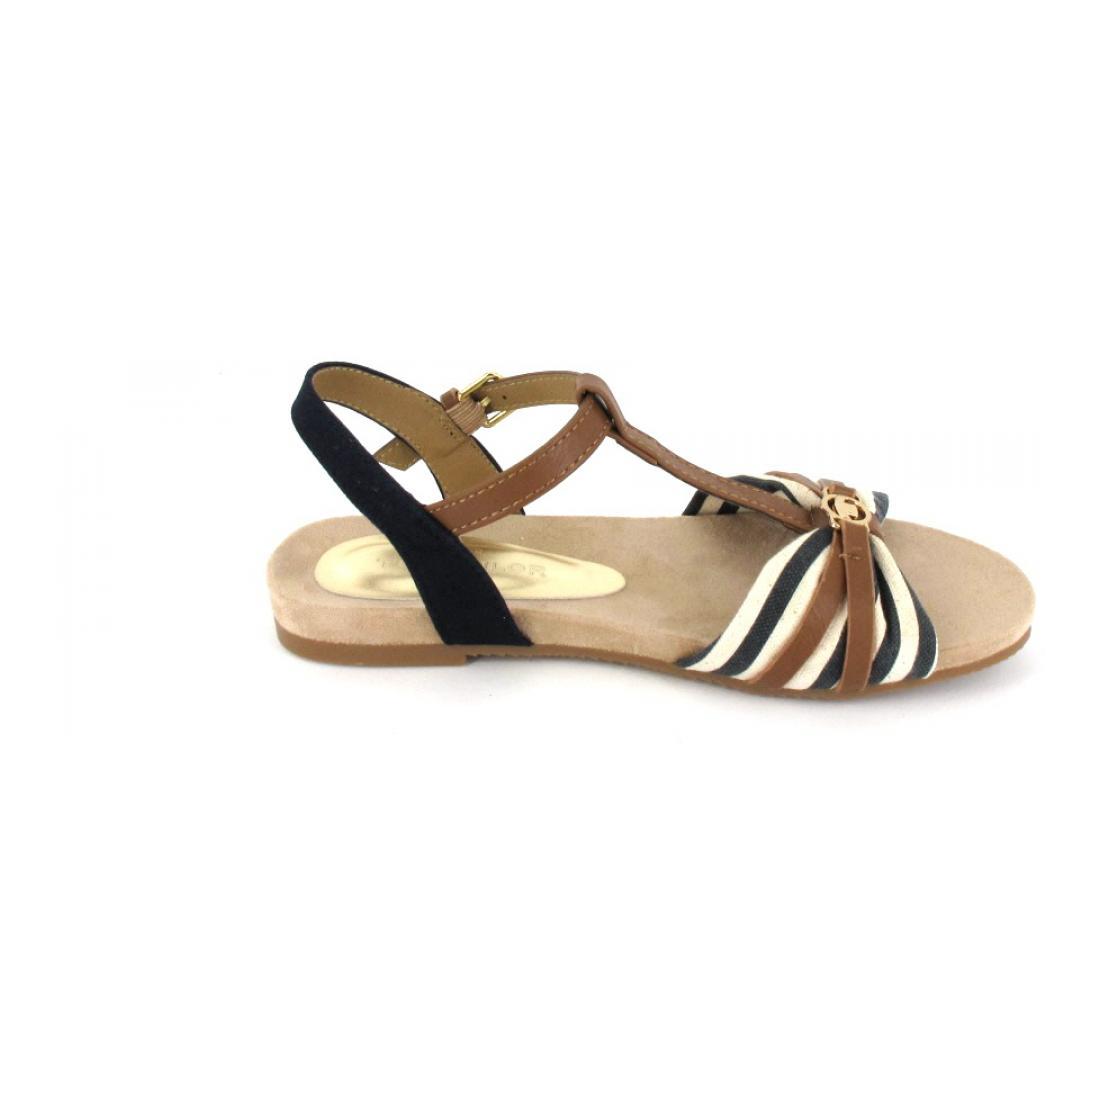 Tom Tailor Sandalette